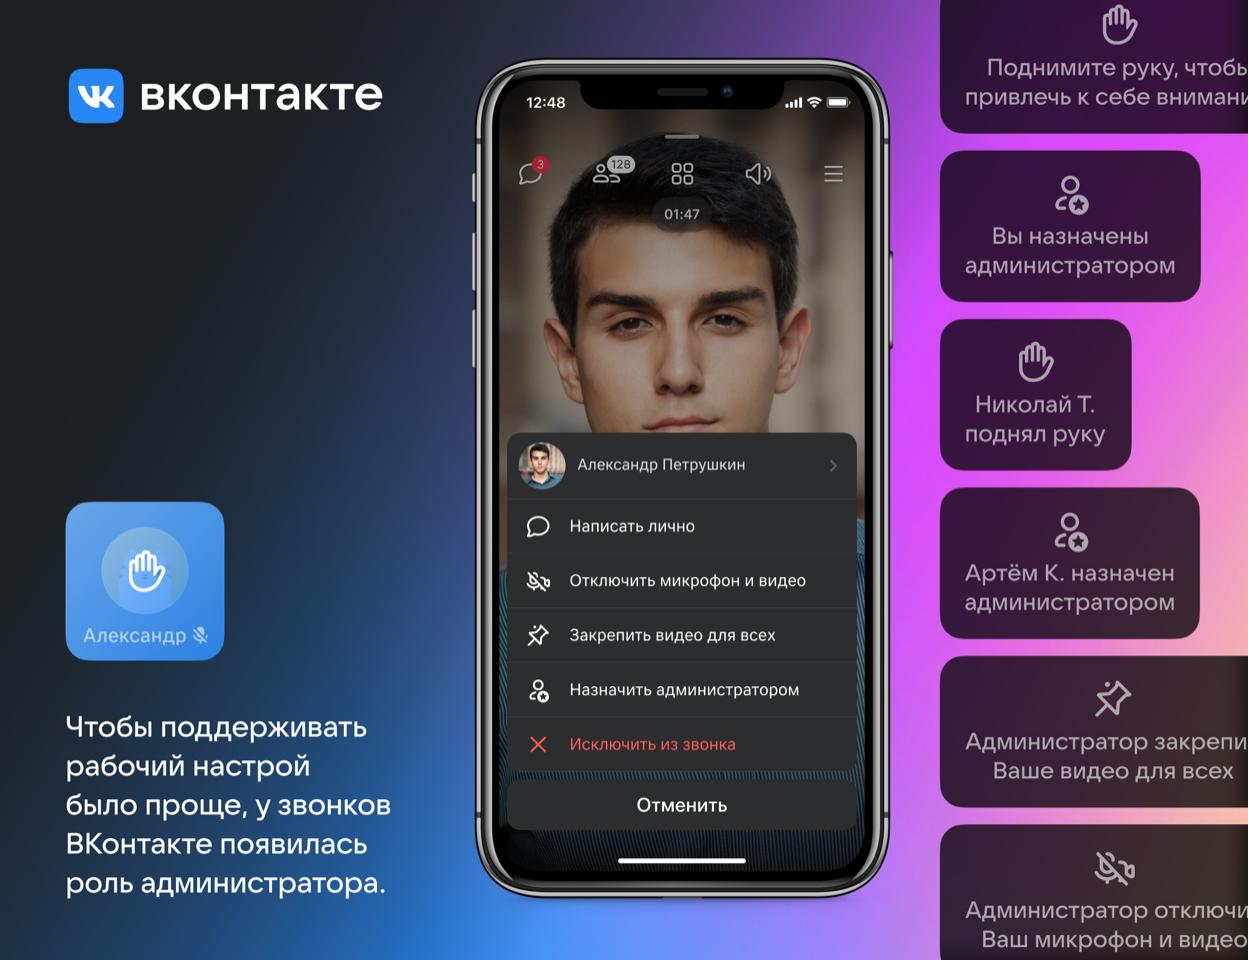 В видеозвонках «ВКонтакте» появилась роль администратора